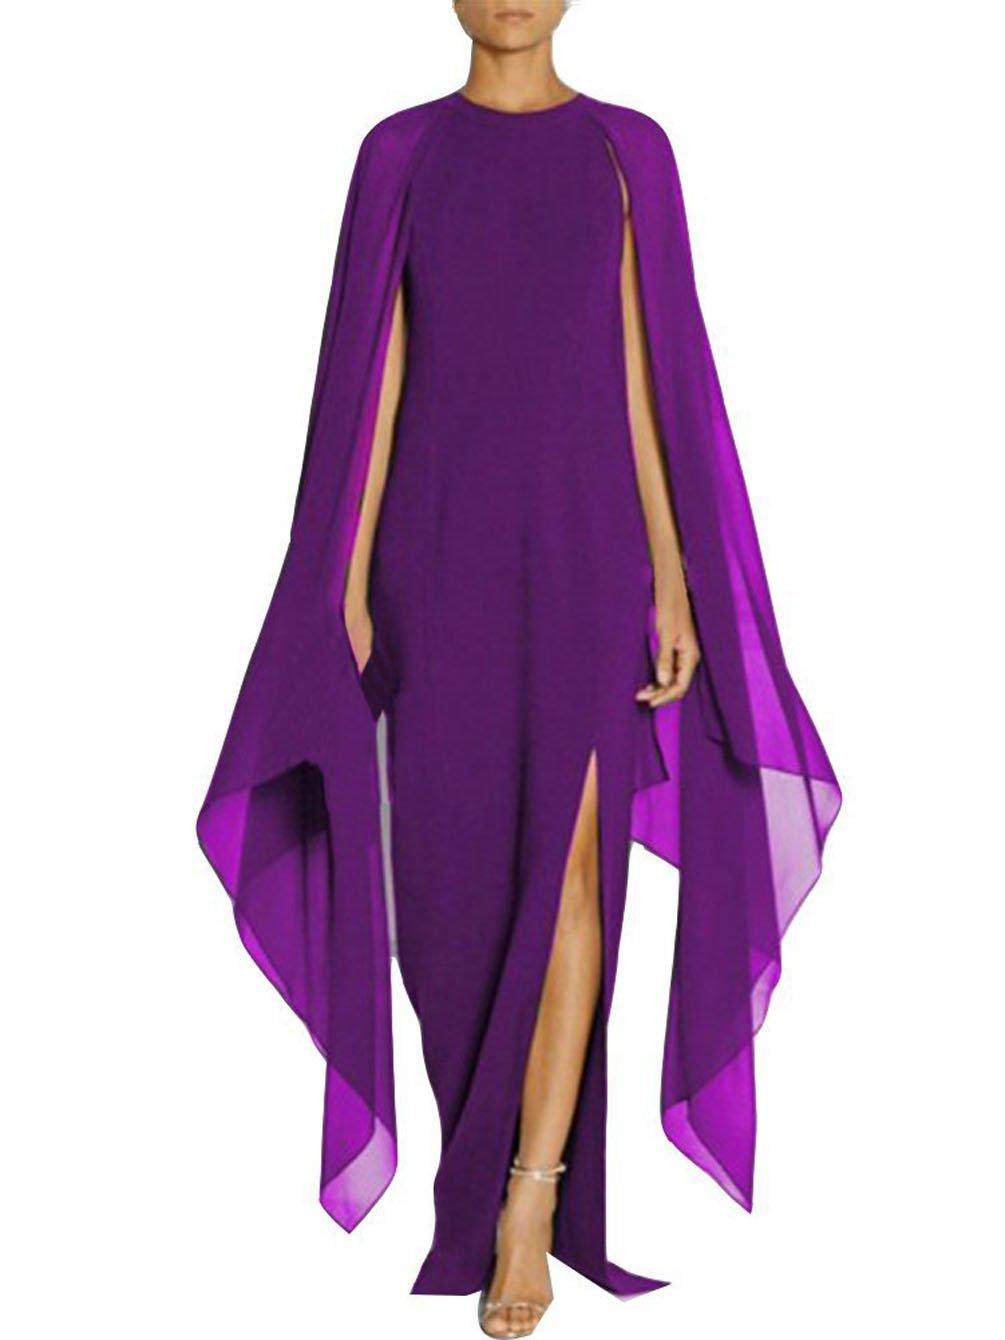 Mujer Vestidos Largos De Fiesta para Bodas Moda Irregular Fiesta ...